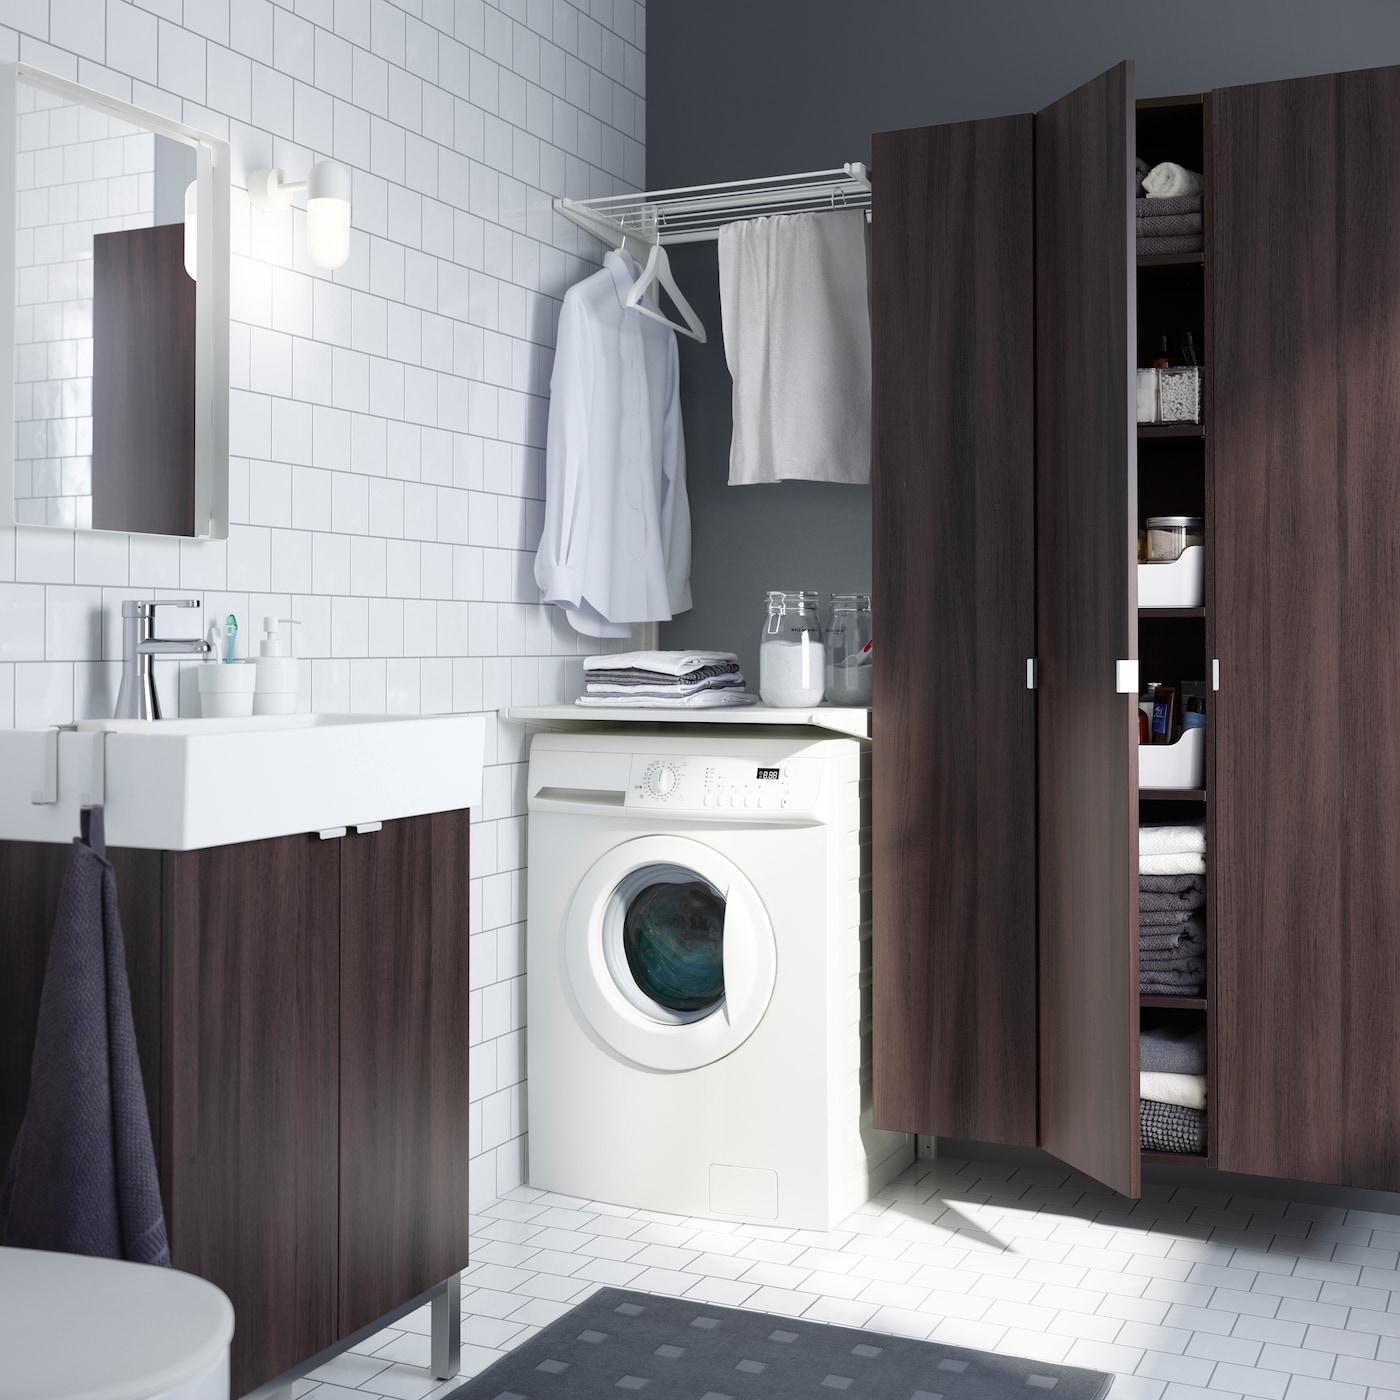 IKEA ALGOT väggskena ovanför tvättmaskin i ett ljust badrum med LILLÅNGEN badrumsinredning i brunsvart.